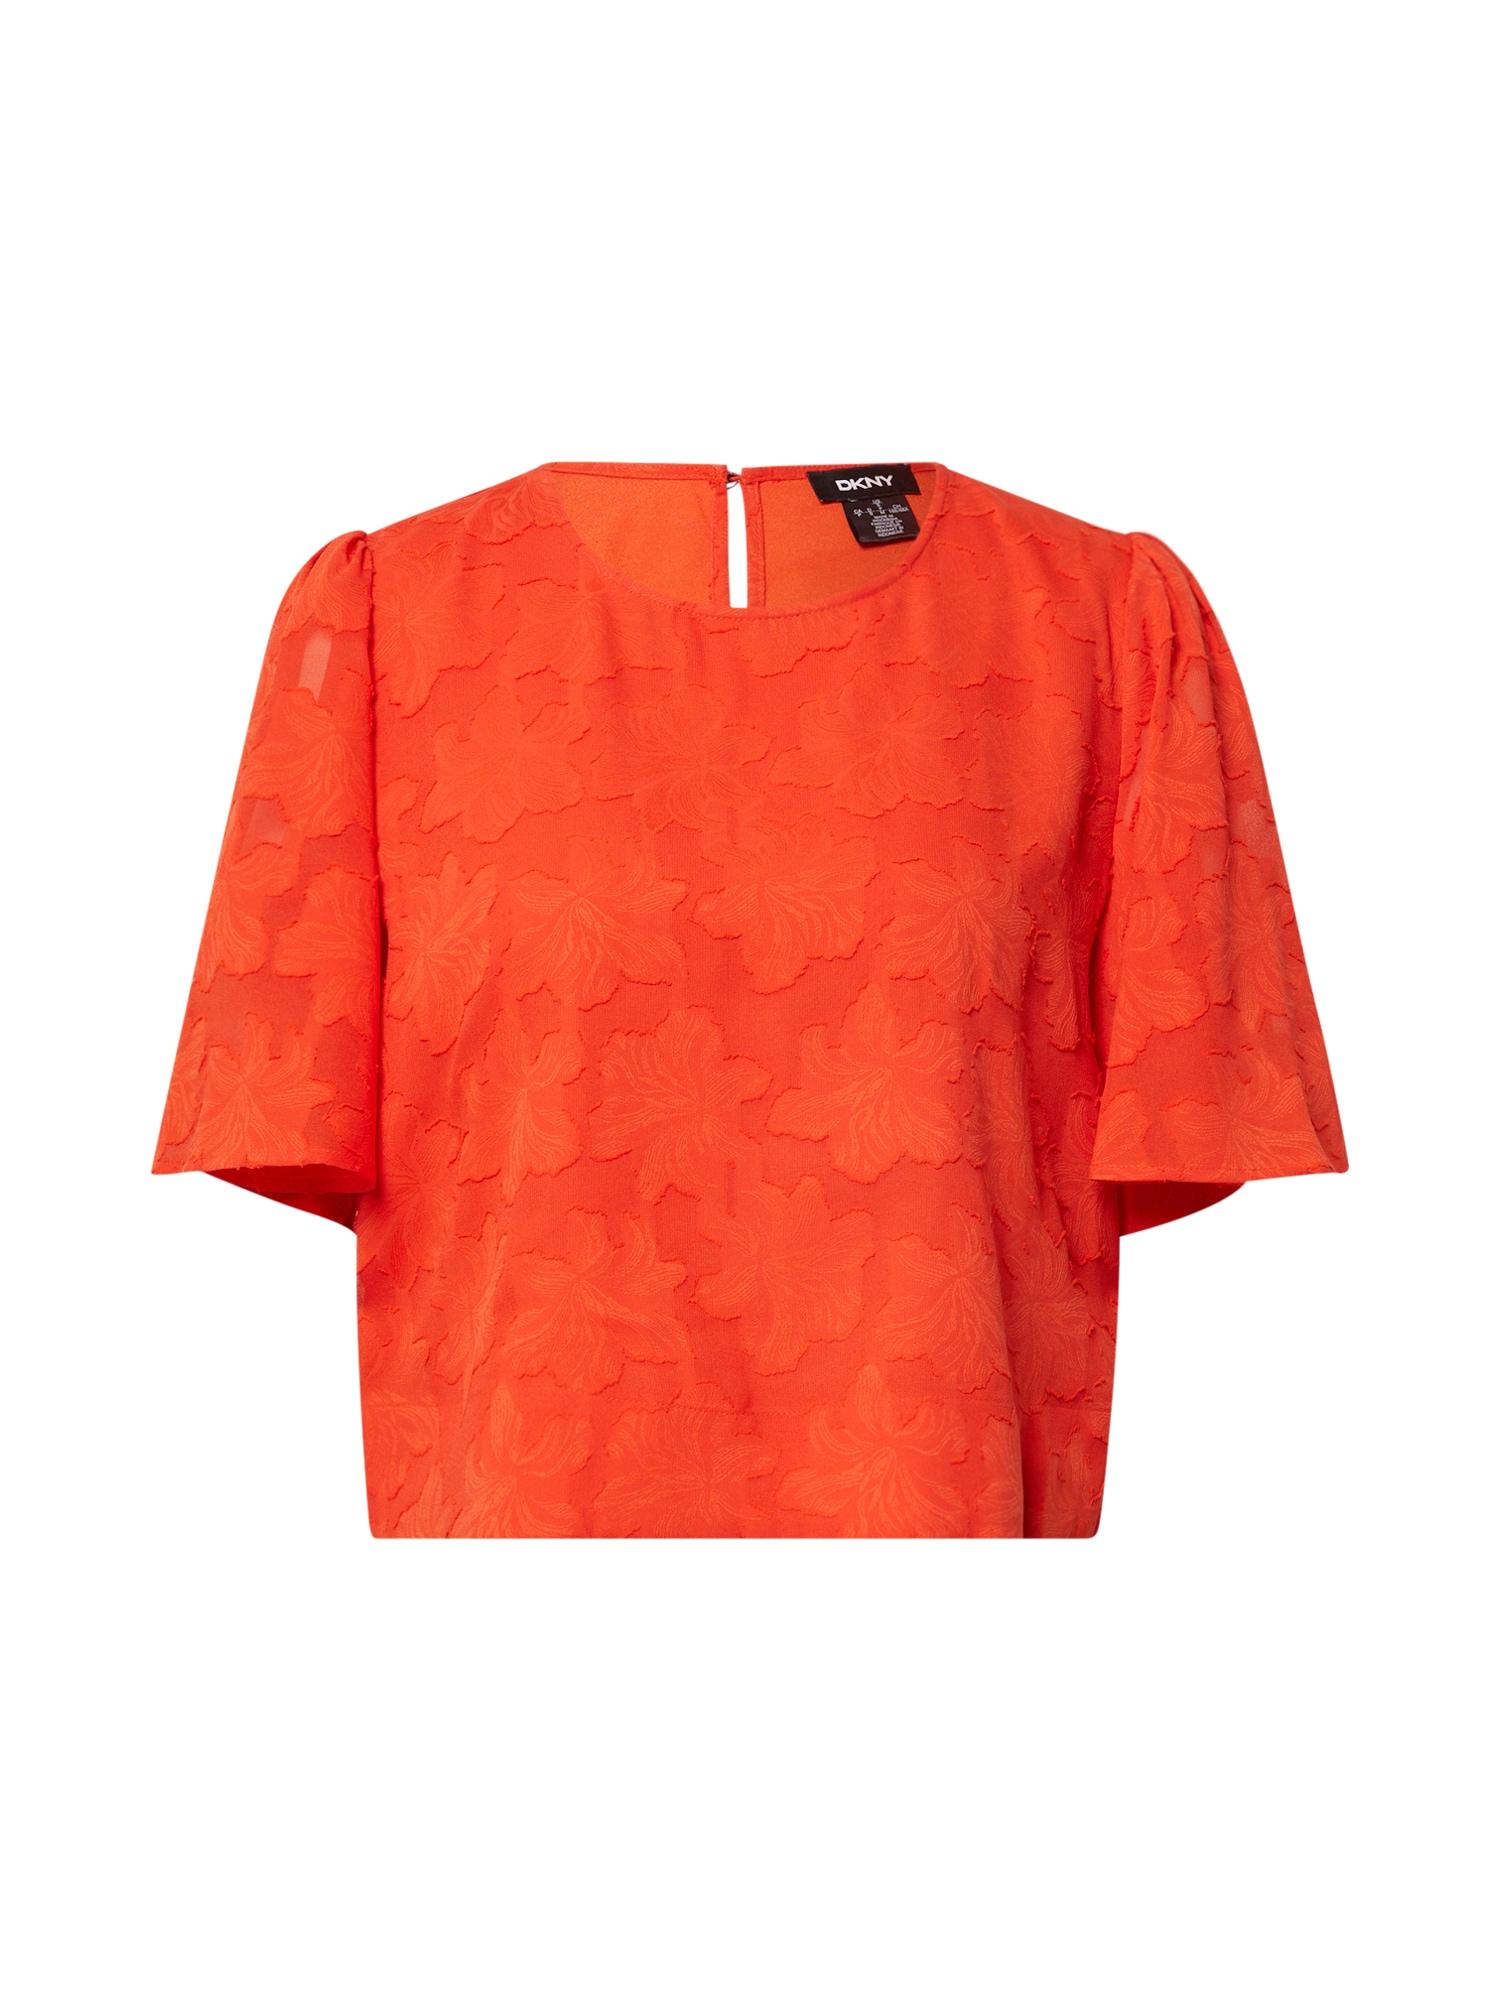 DKNY Palaidinė oranžinė-raudona